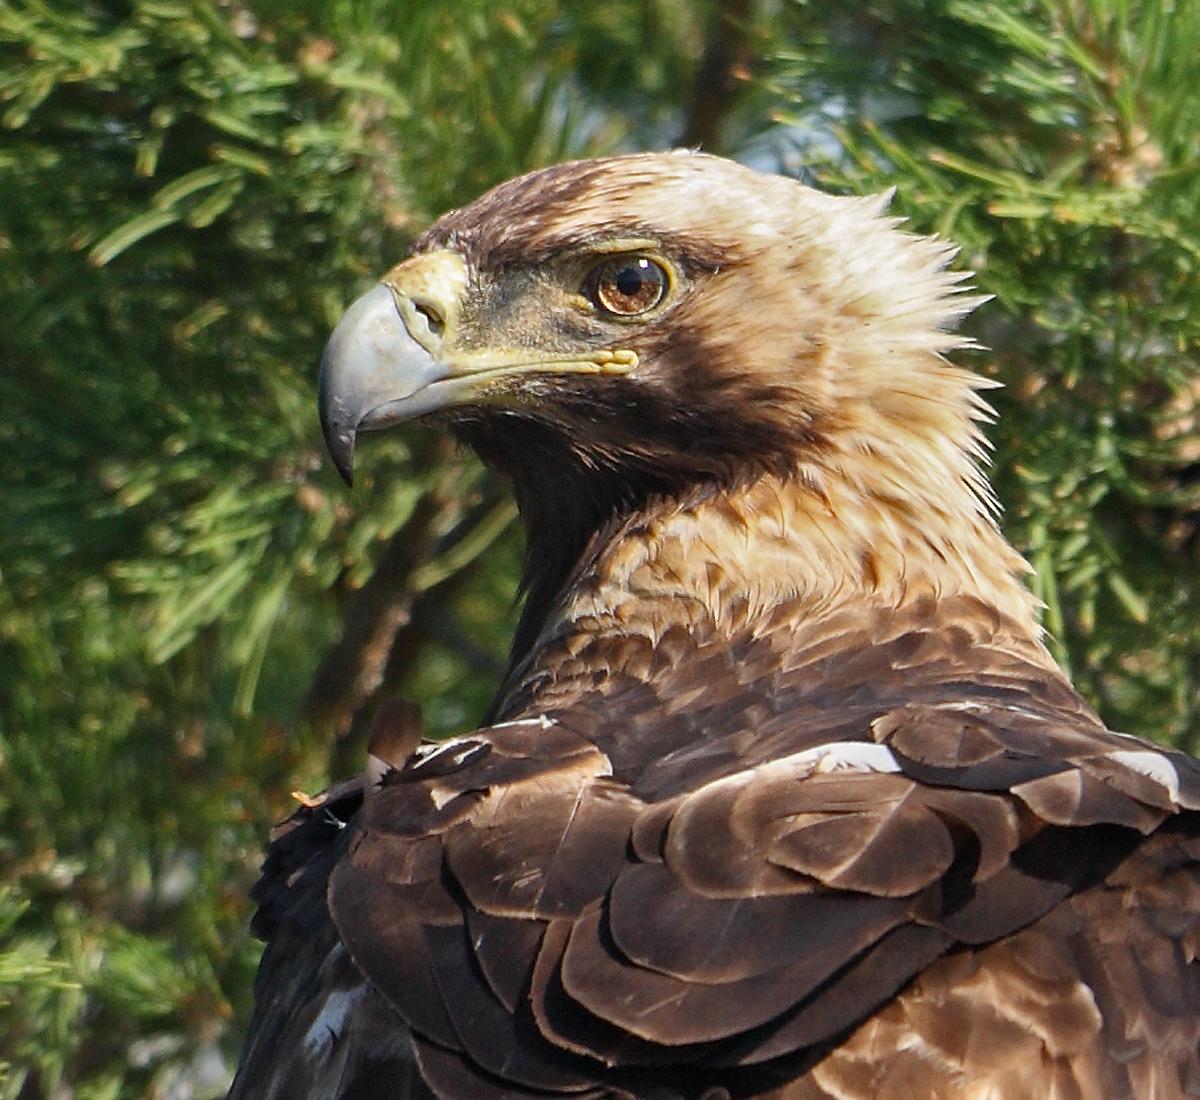 Kaiseradler, Aquila heliaca, Imparial Eagle, vögel, birds, greifvögel, Accipitriformes, raptors, adler, eagle, Östlicher Kaiseradler